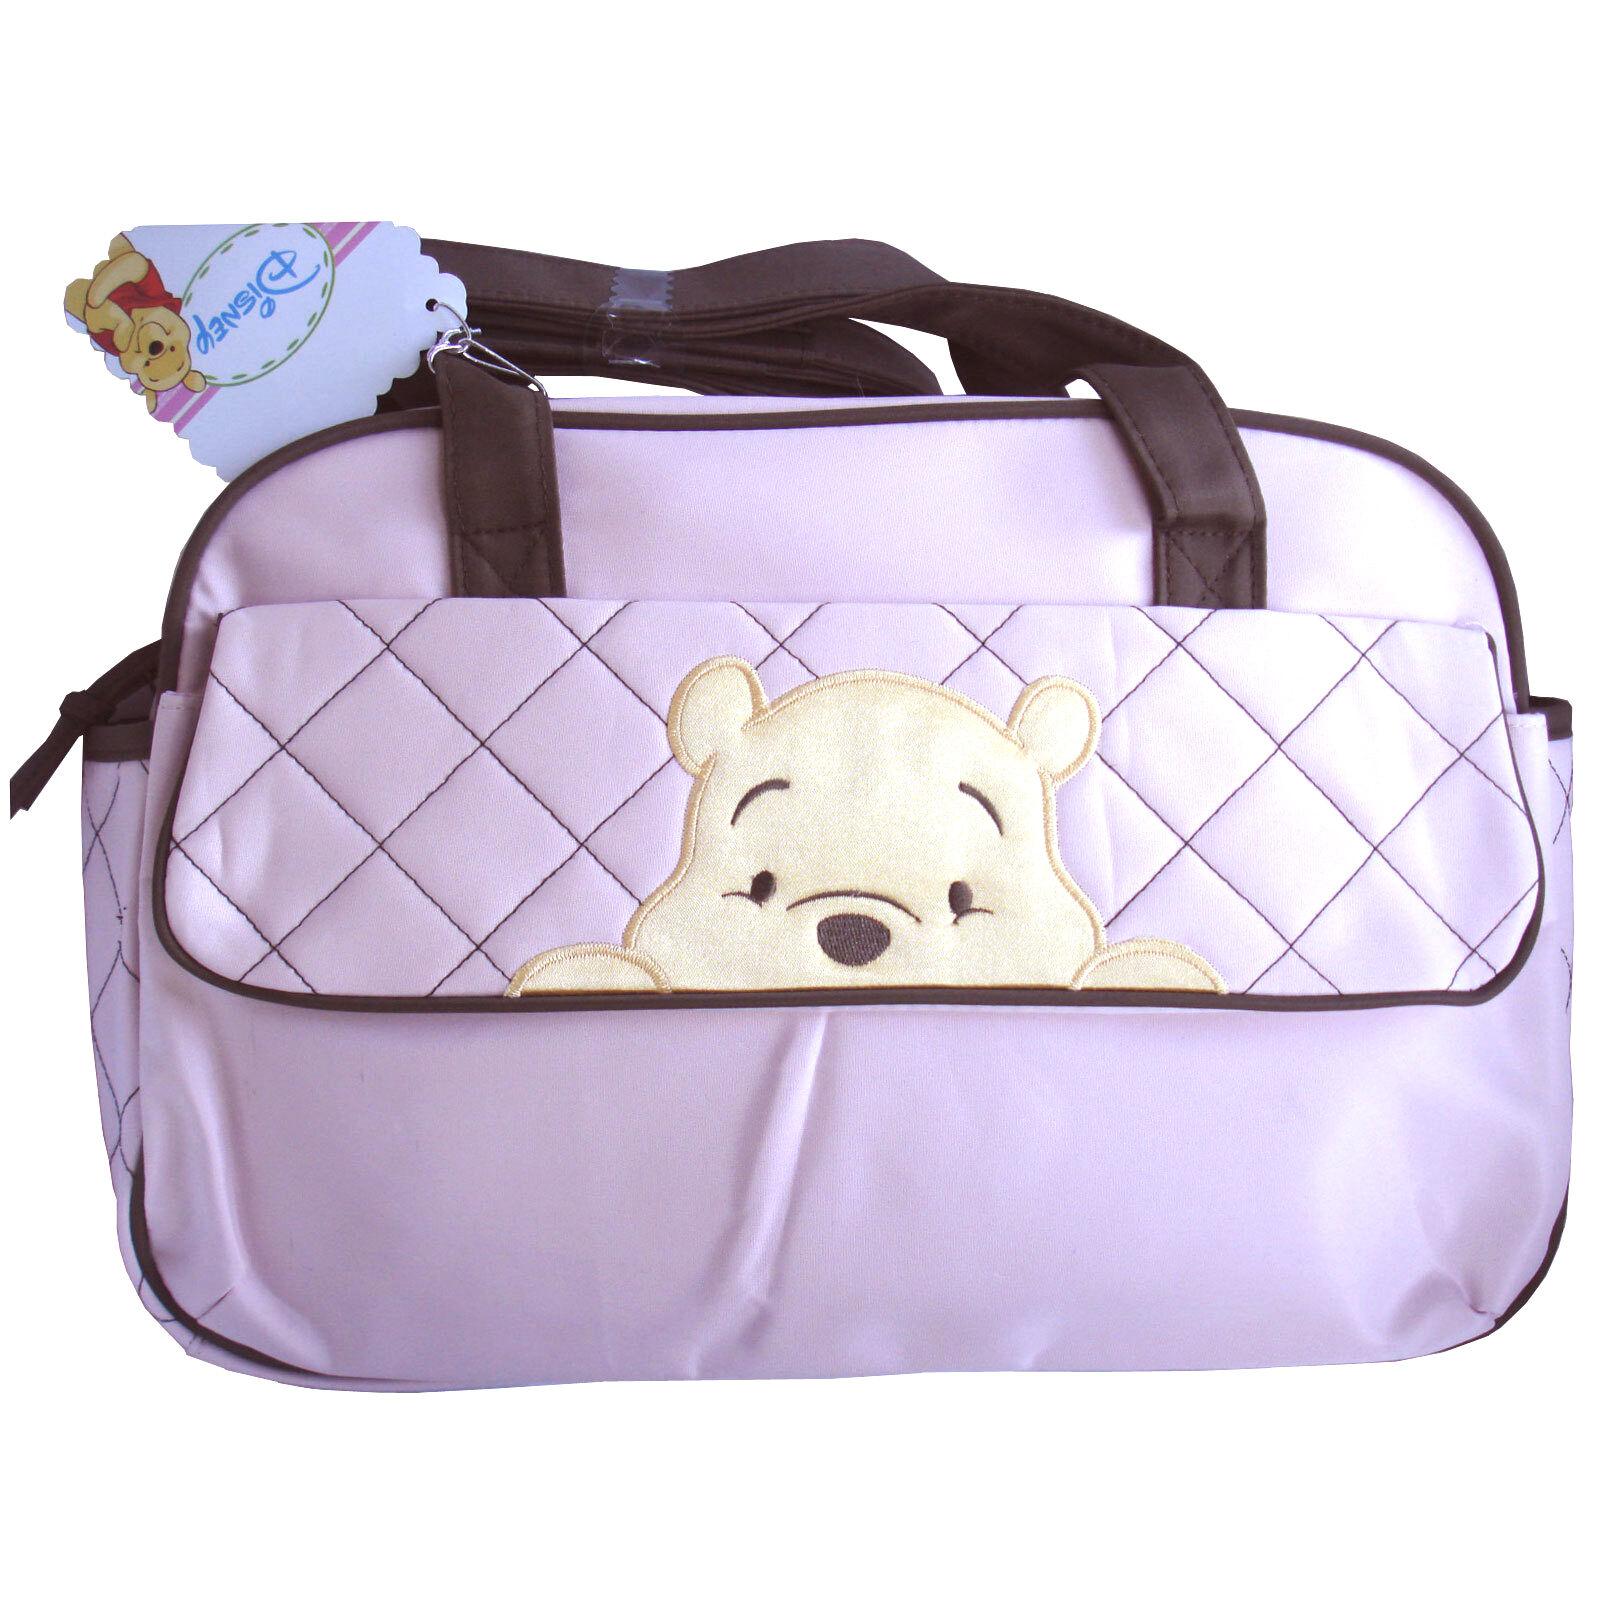 Disney Baby Diaper Bags